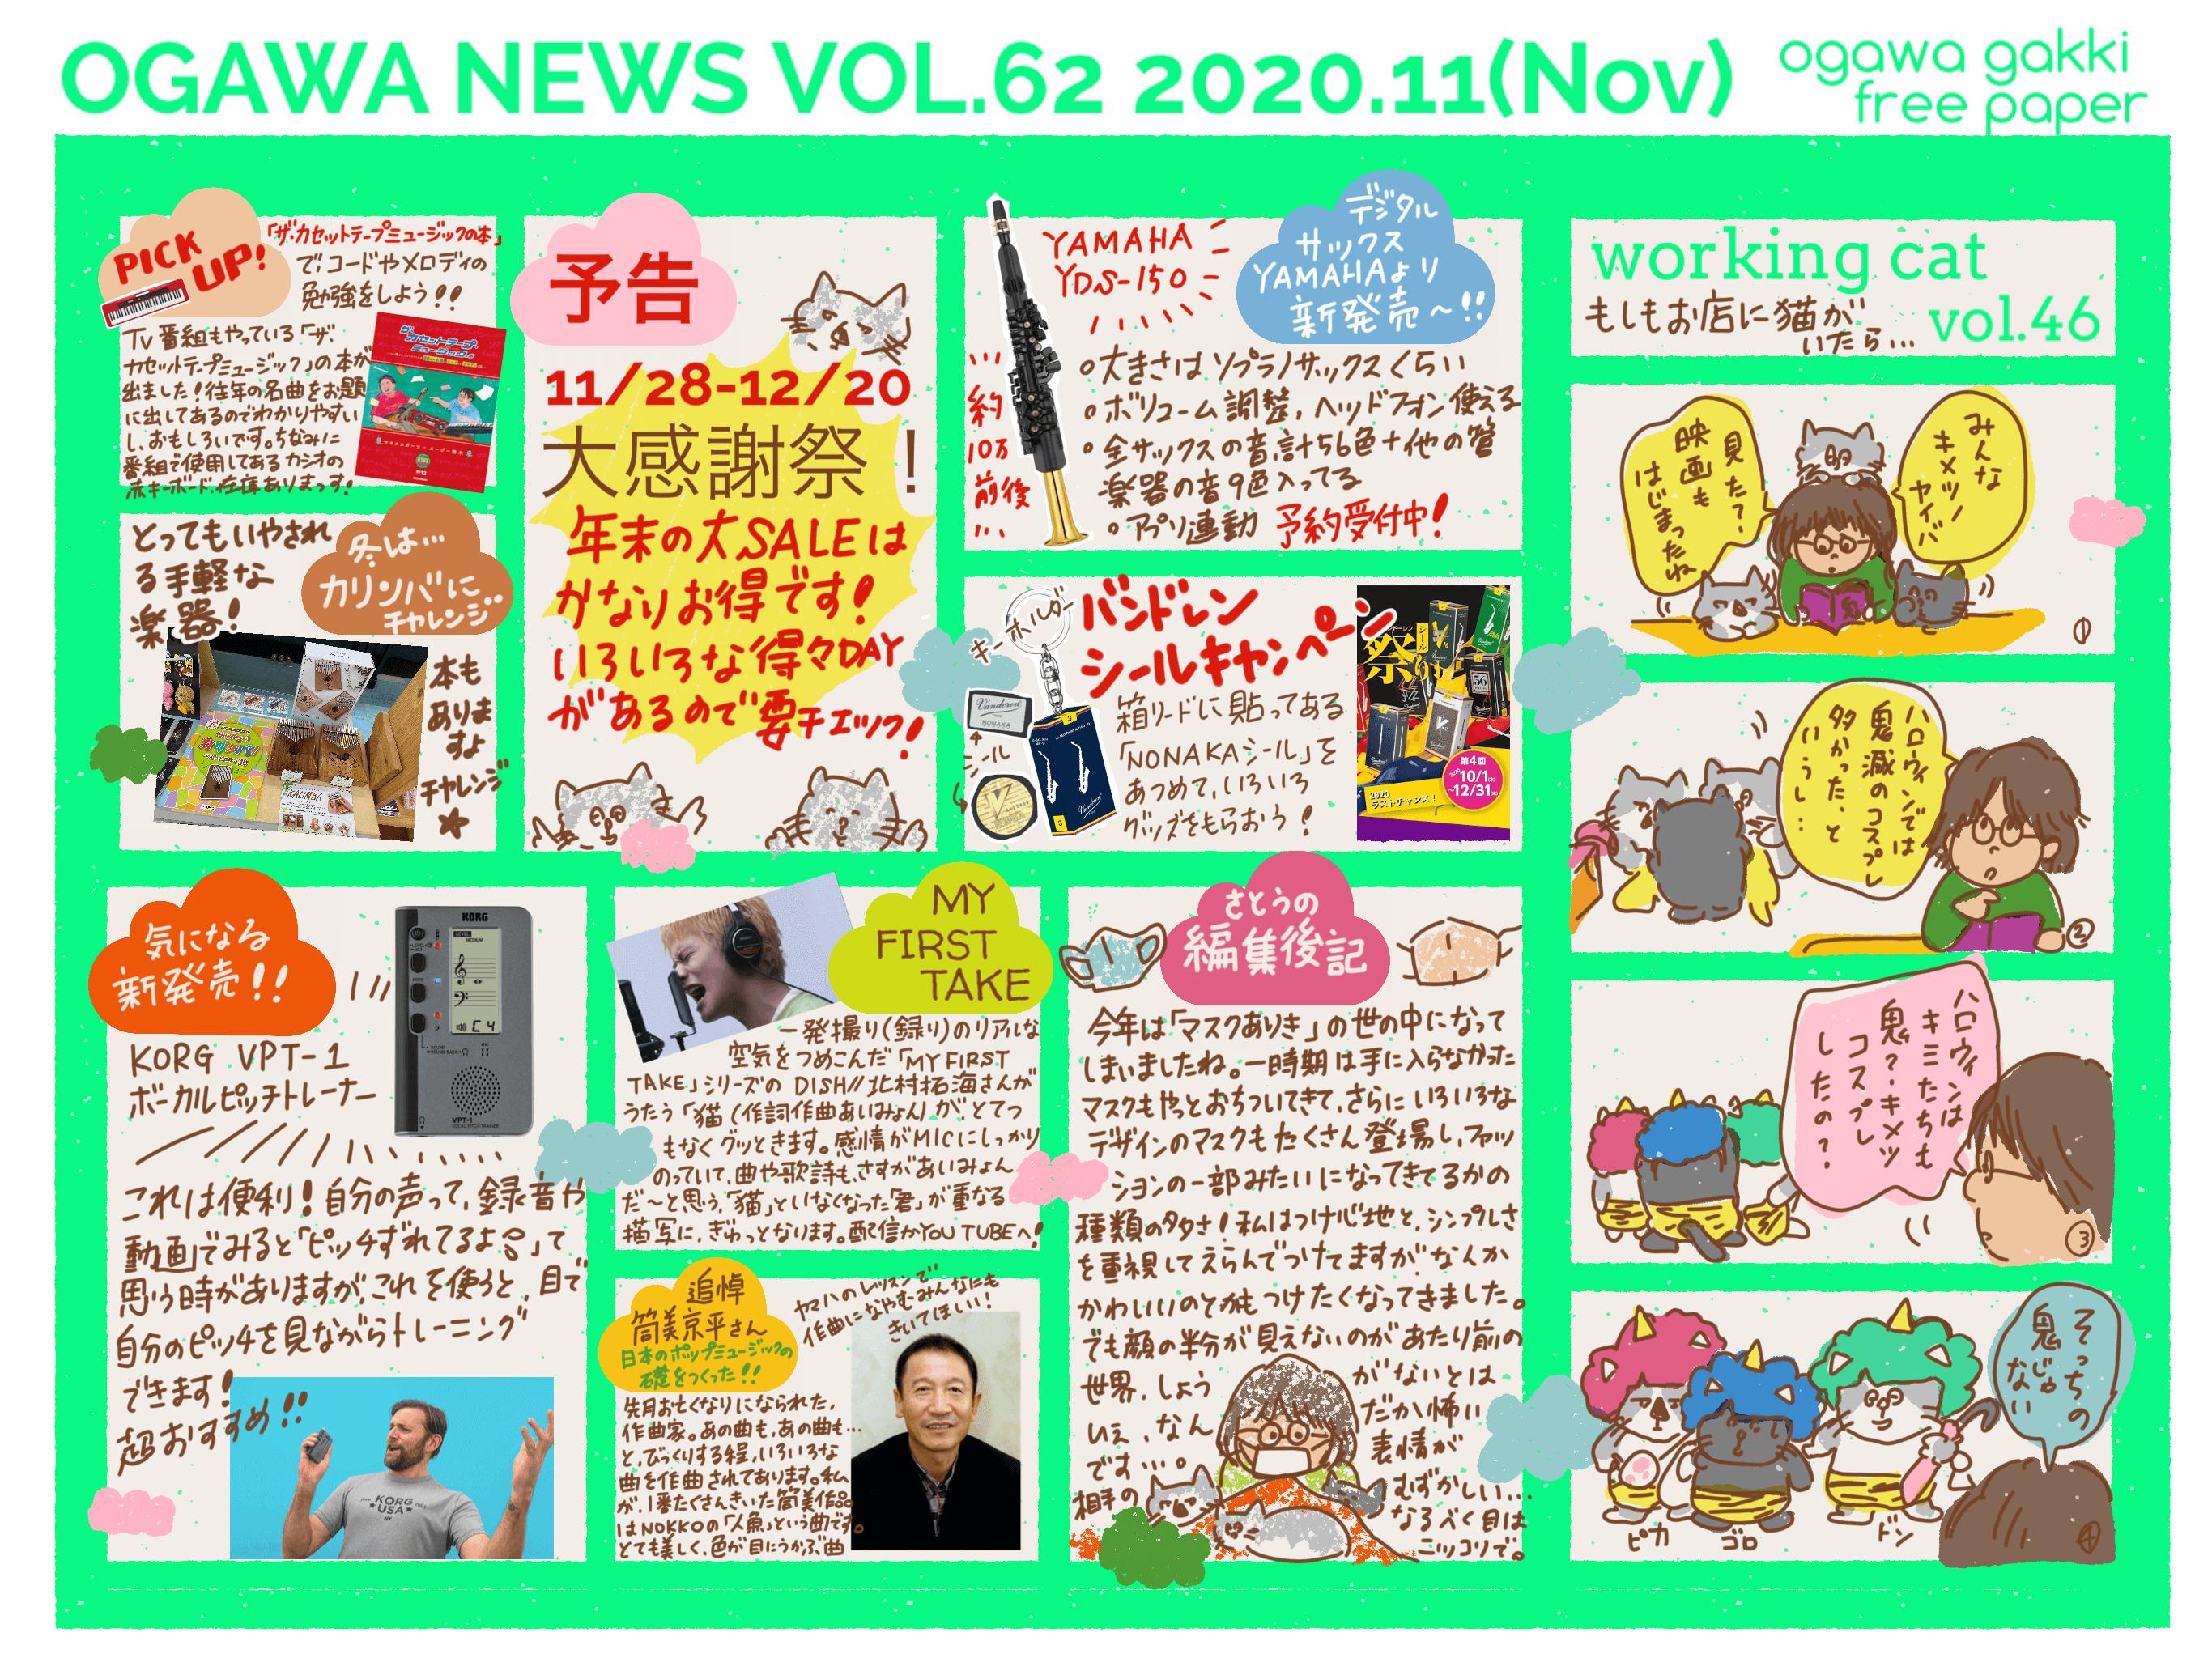 【柳川・佐賀店フリーペーパー】vol.62 2020年11月号